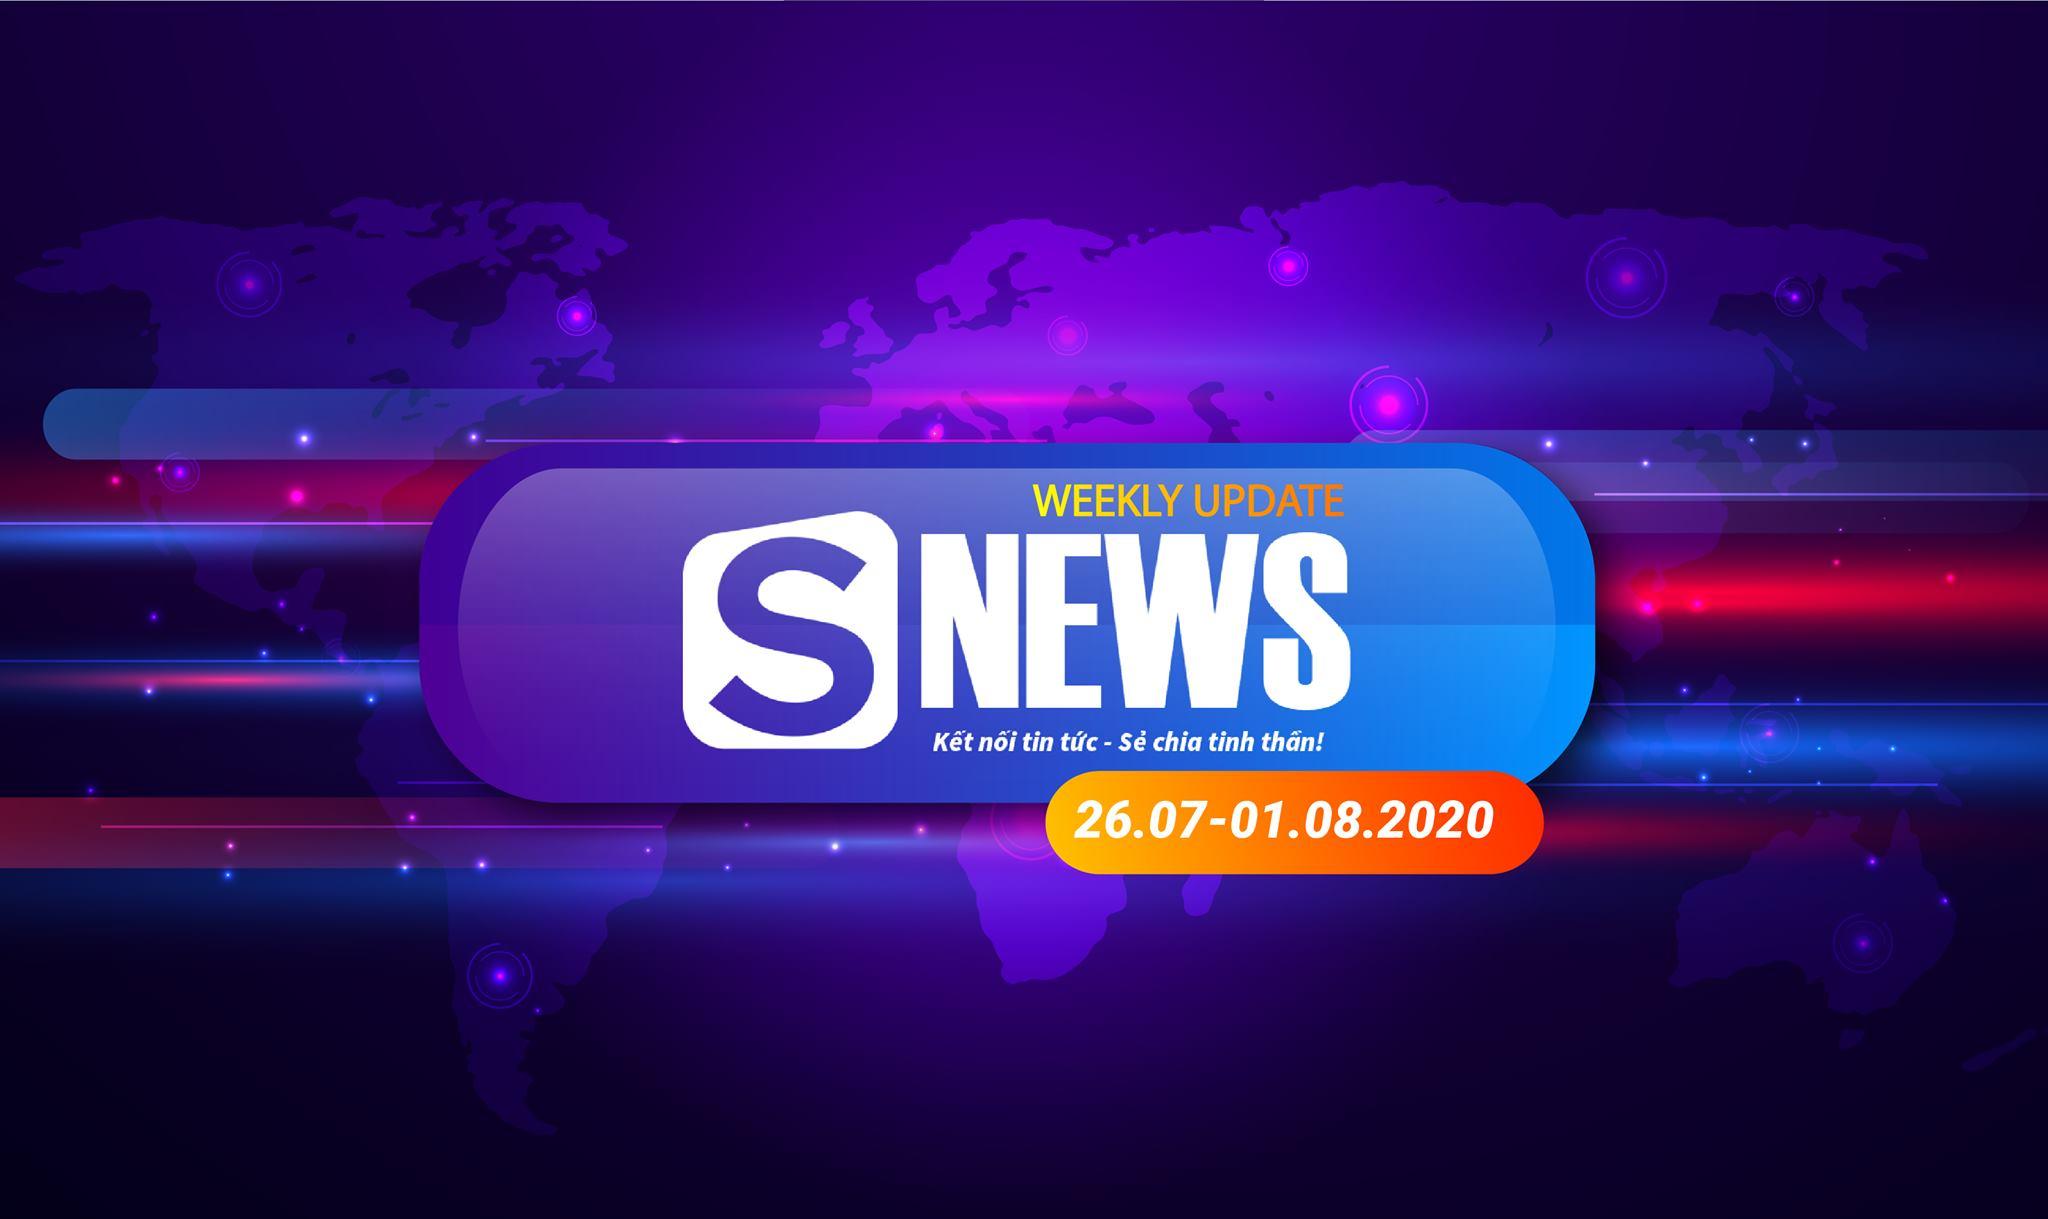 Tổng hợp tin tức tuần qua (26.07 - 01.08.2020)